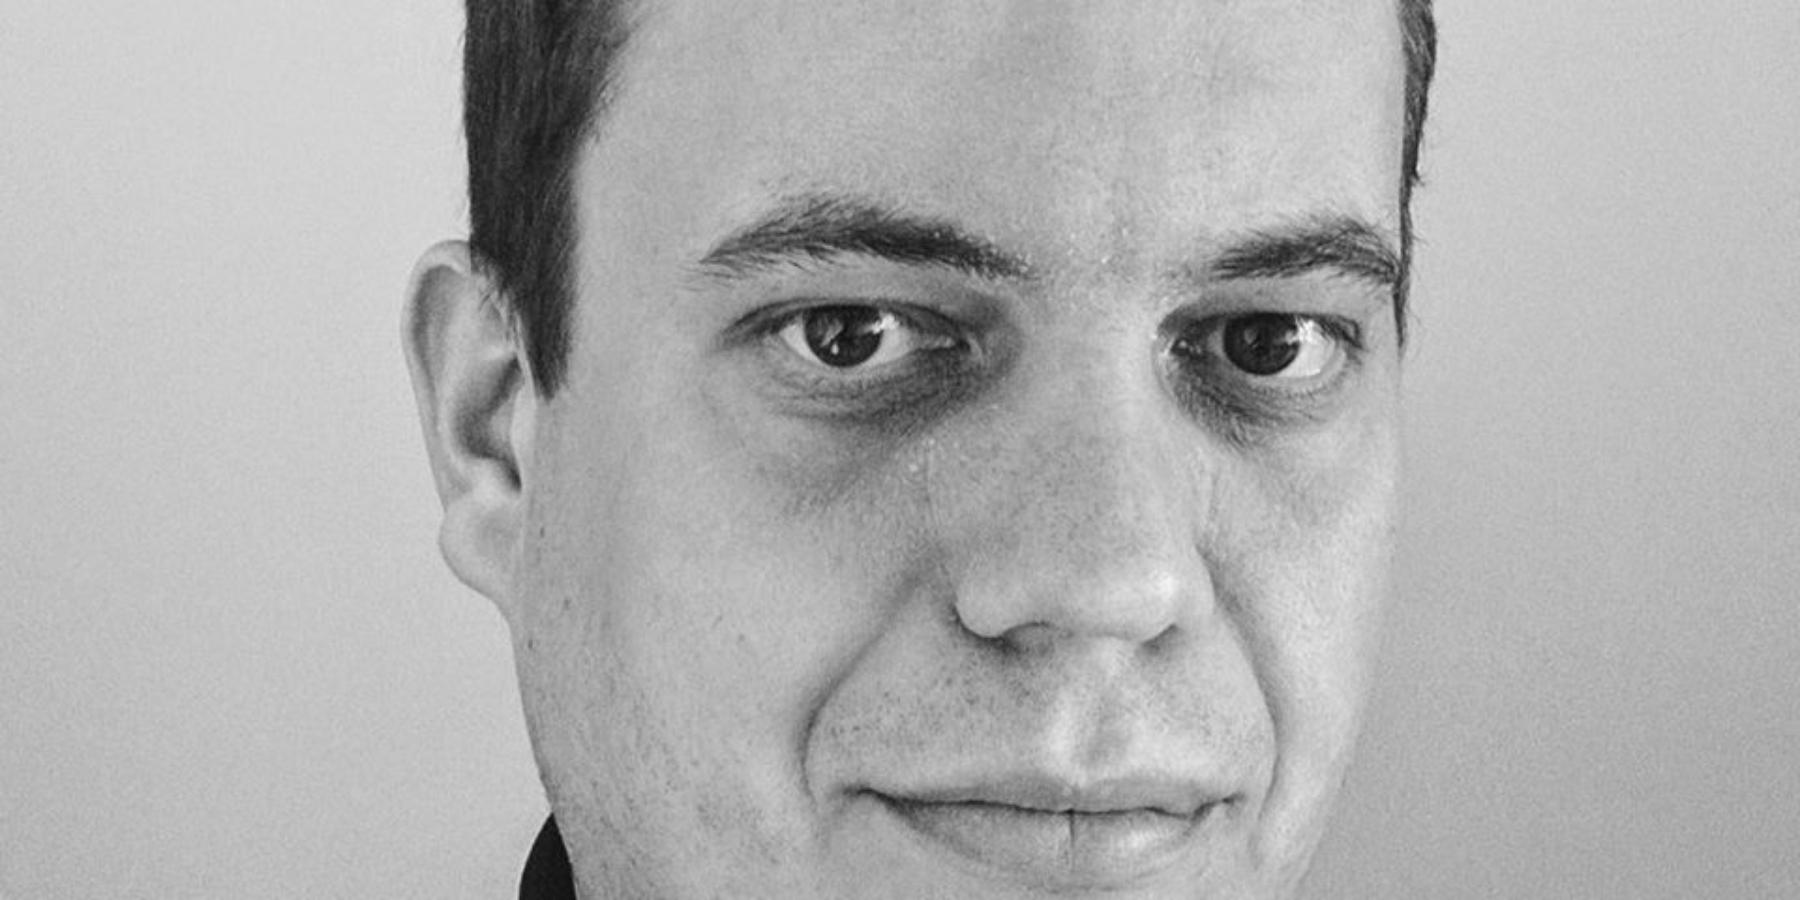 Jak budować firmę. NaFounders.pl startuje cykl warsztatów AMA zBartoszem Ferencem